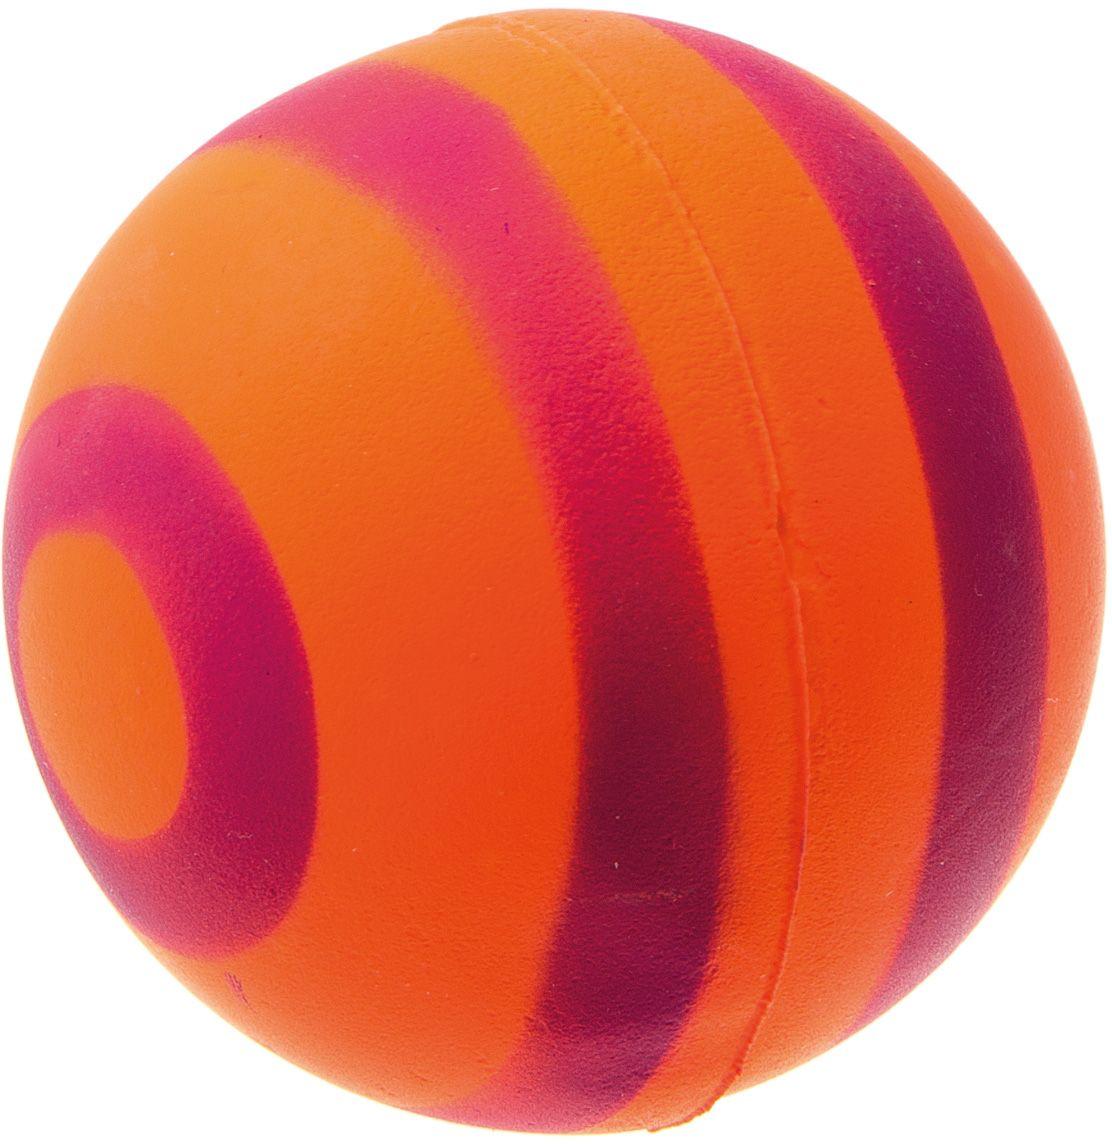 Мяч V.I.Pet Неон, цвет: оранжевый, фиолетовый, диаметр 63 мм. 20-11230120710Мяч V.I.Pet Неон предназначен для игр, тренировок и активного отдыха с животными. Мяч заинтересует и увлечет вашего питомца. Сделана из абсолютно безопасного и качественного материала. Материал: вспененная резина.